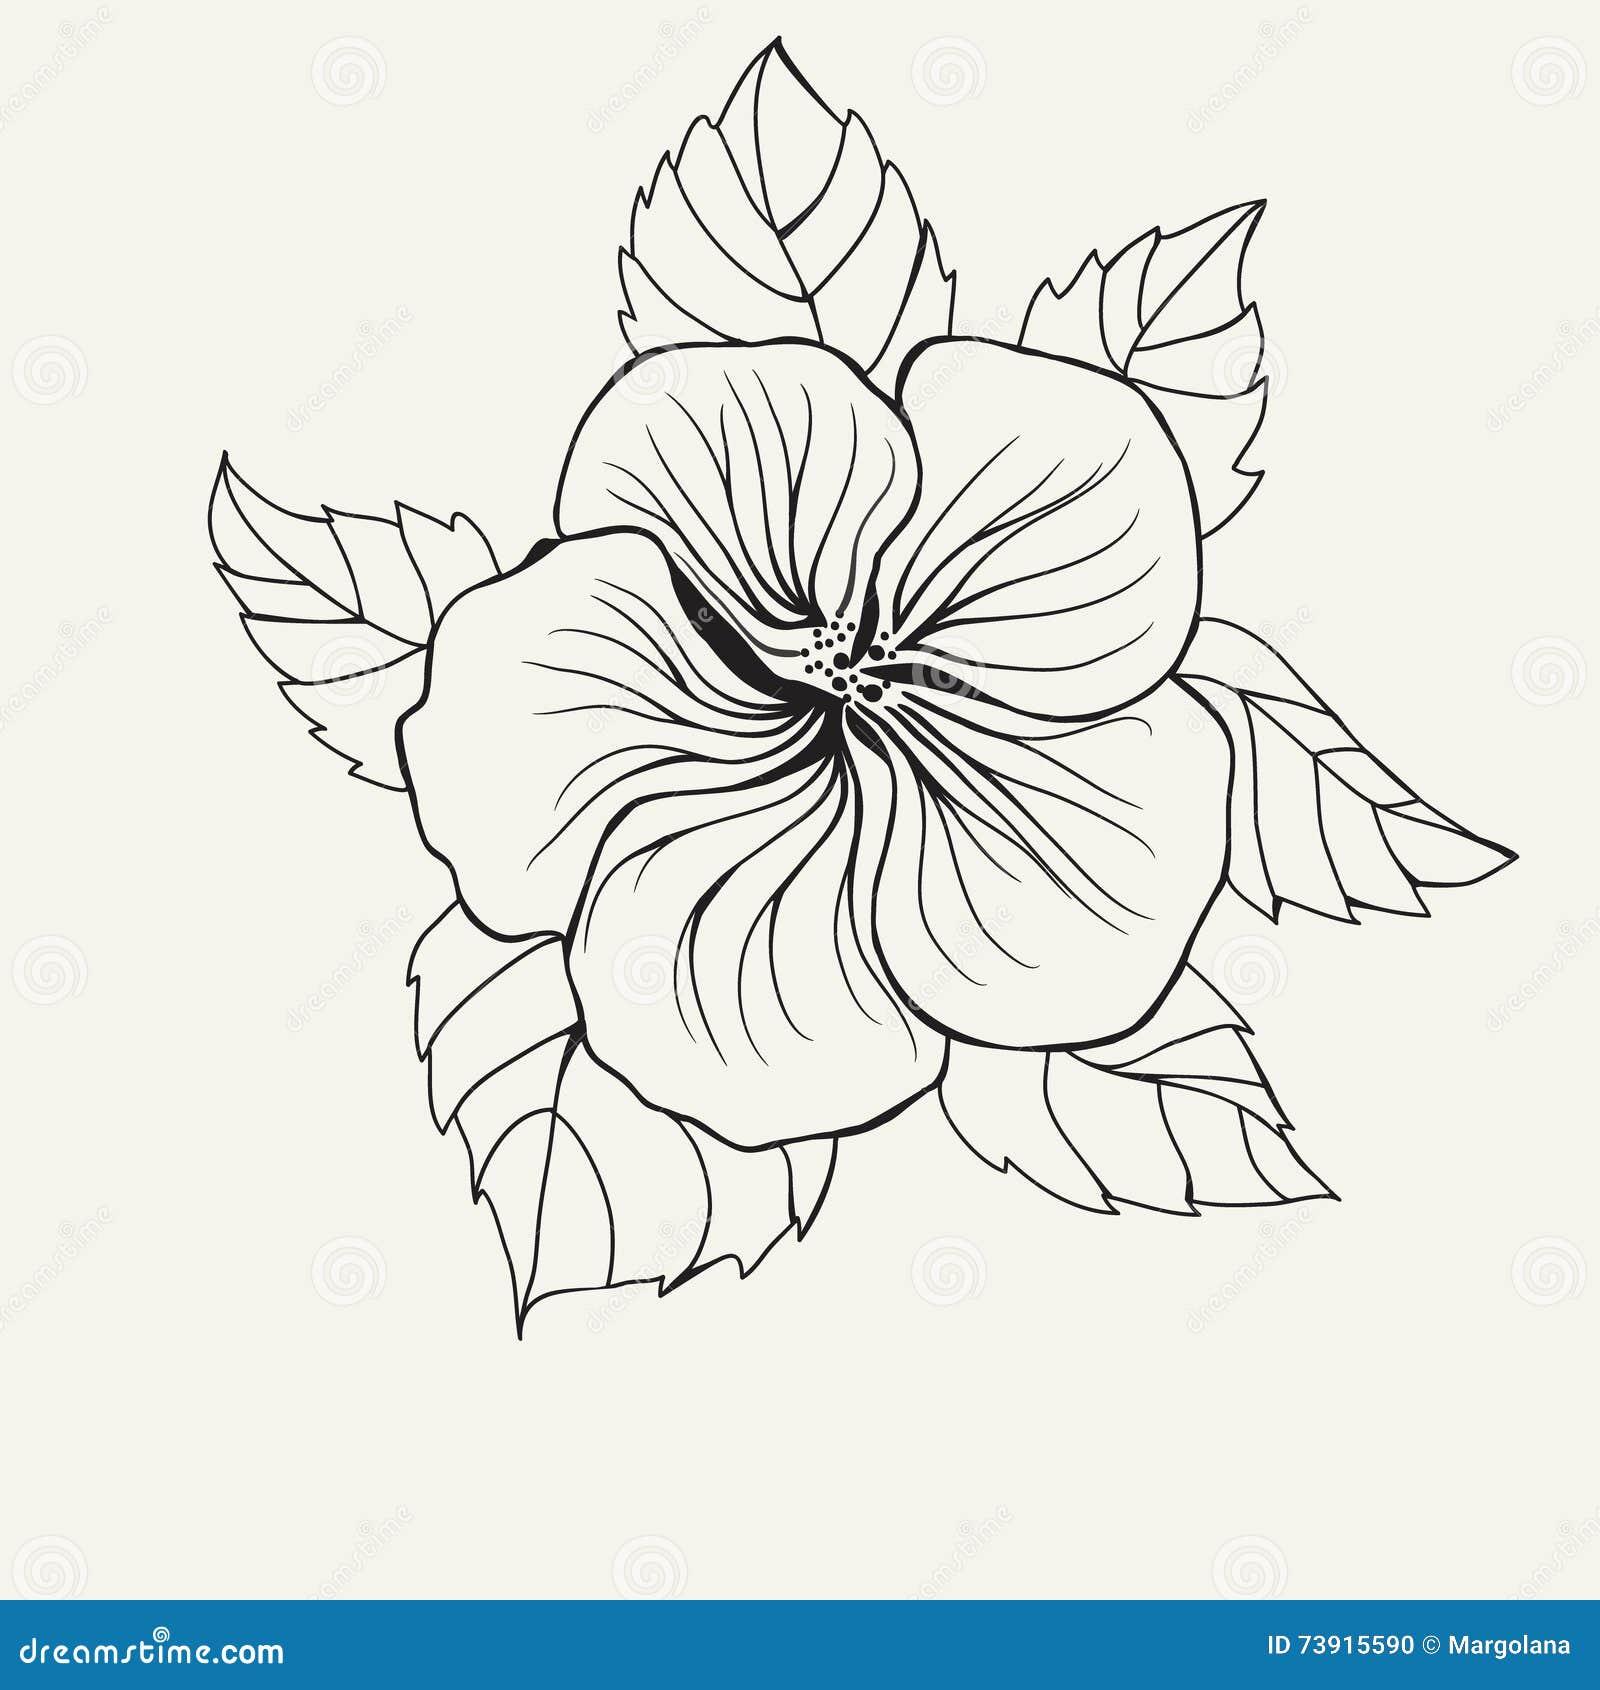 Coloriage Fleur Hawai.Les Ketmies D Hawai Fleurissent Poussent Des Feuilles Pour La Page